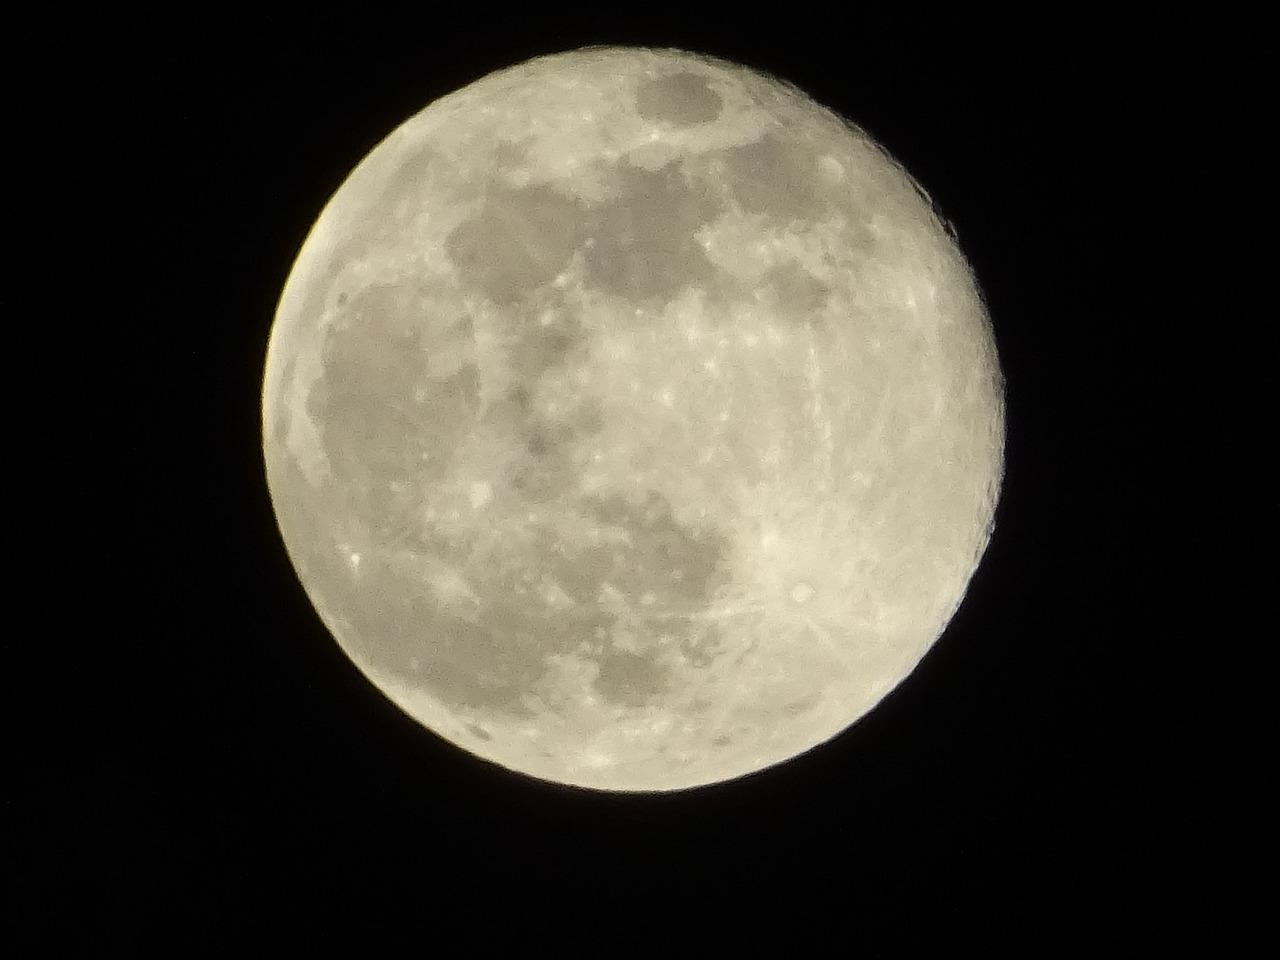 Super lune rose 2021 : l'avez-vous vu ?